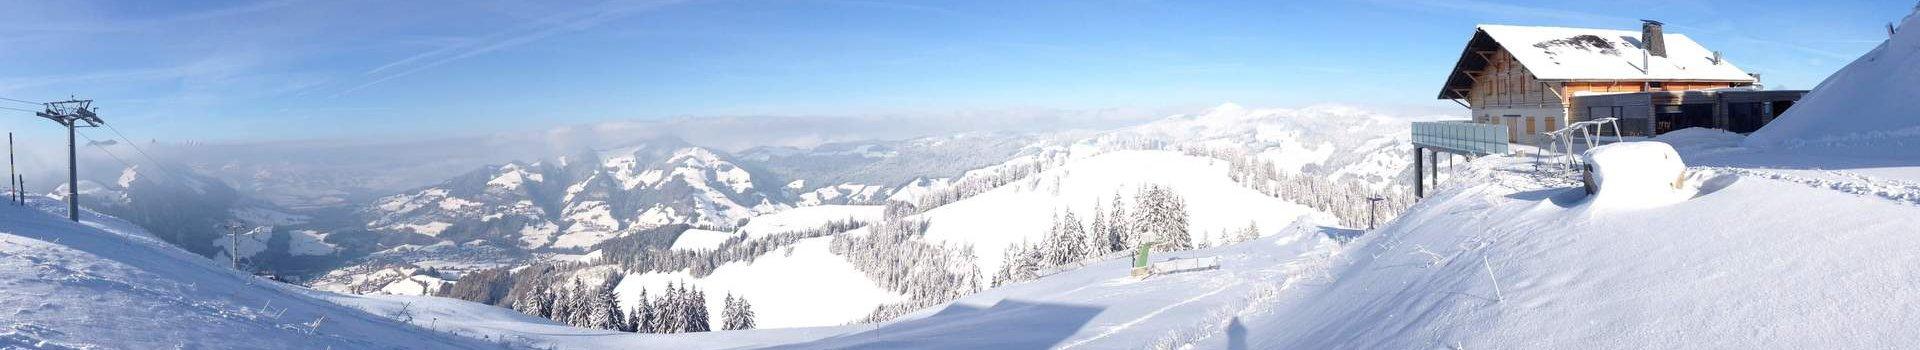 Miejsca w Polsce, które warto odwiedzić z nartami/snowboardem